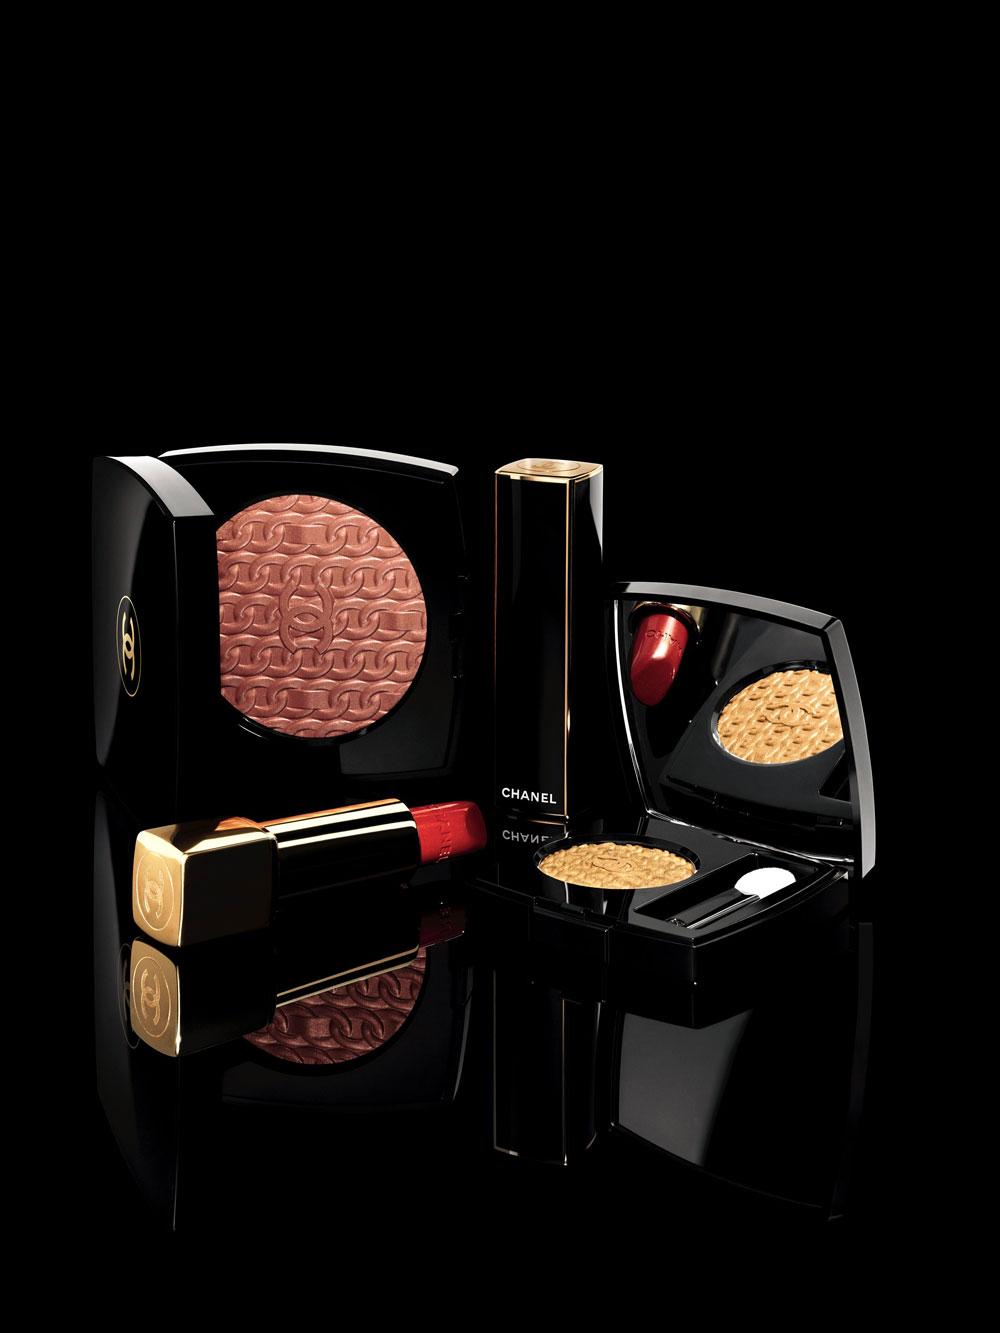 Die diesjährige Holiday Collection von Chanel ist eine glänzend-funkelnde Hommage an die goldenen Kette an der legendären 2.55-Handtasche.